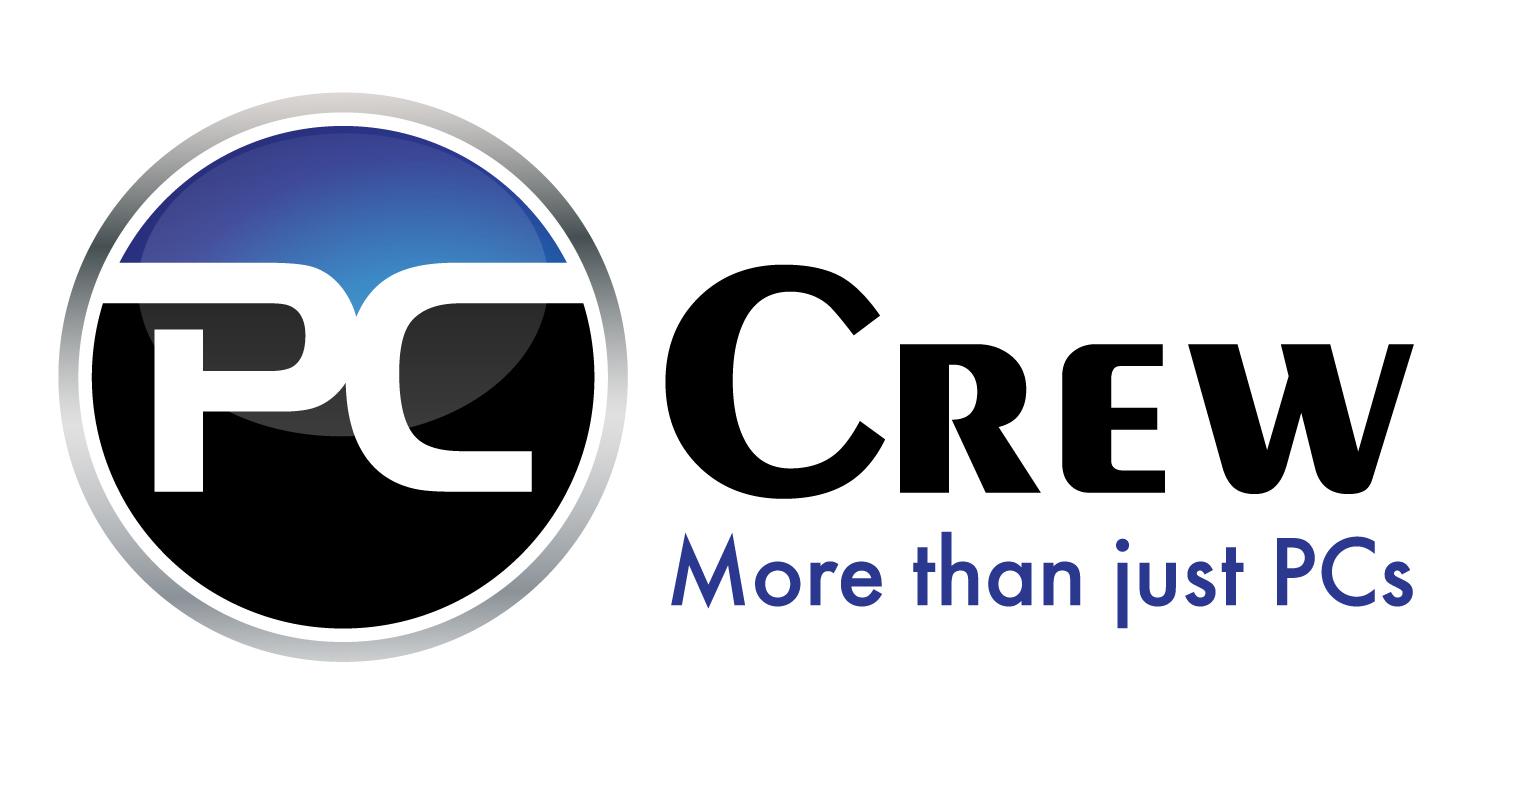 PC CREW